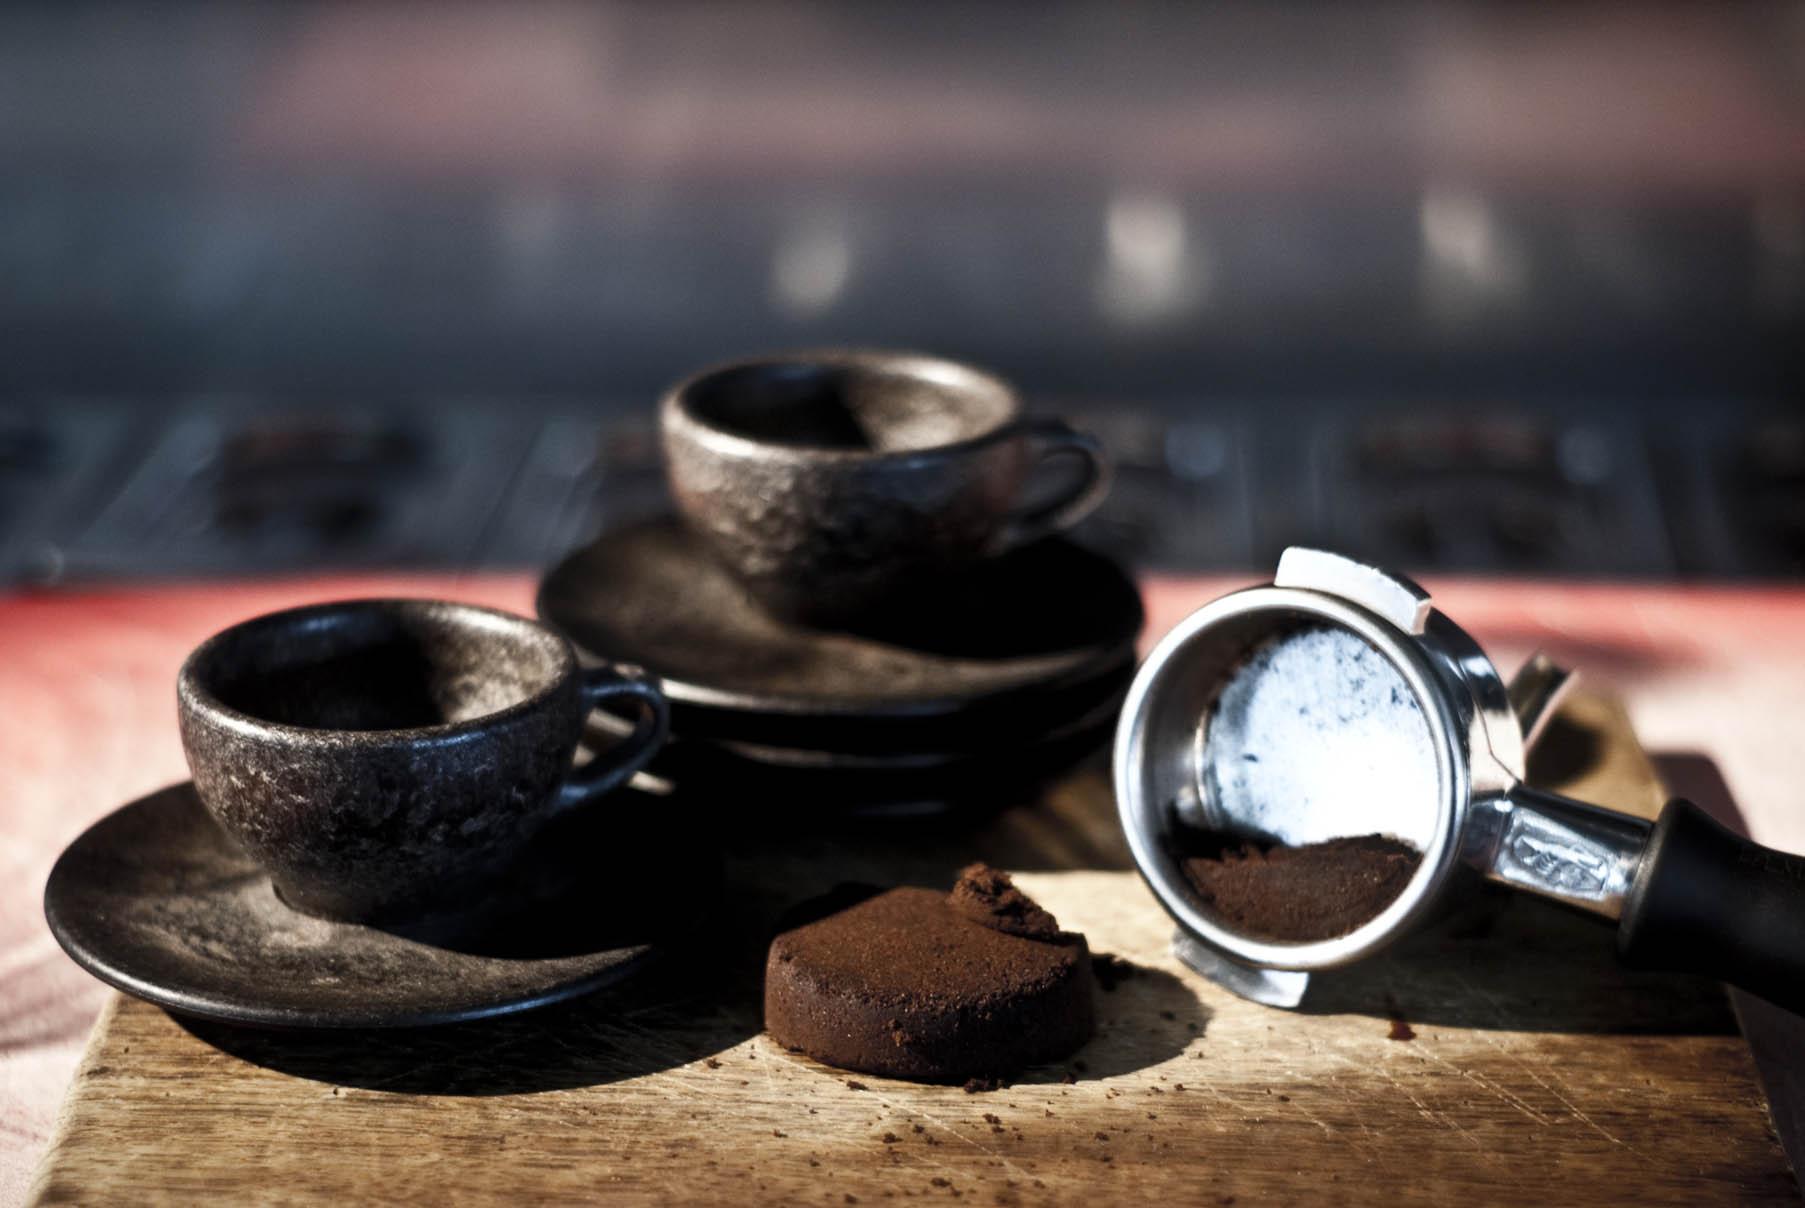 Des tasses à café réalisés à partir de fèves de café recyclés